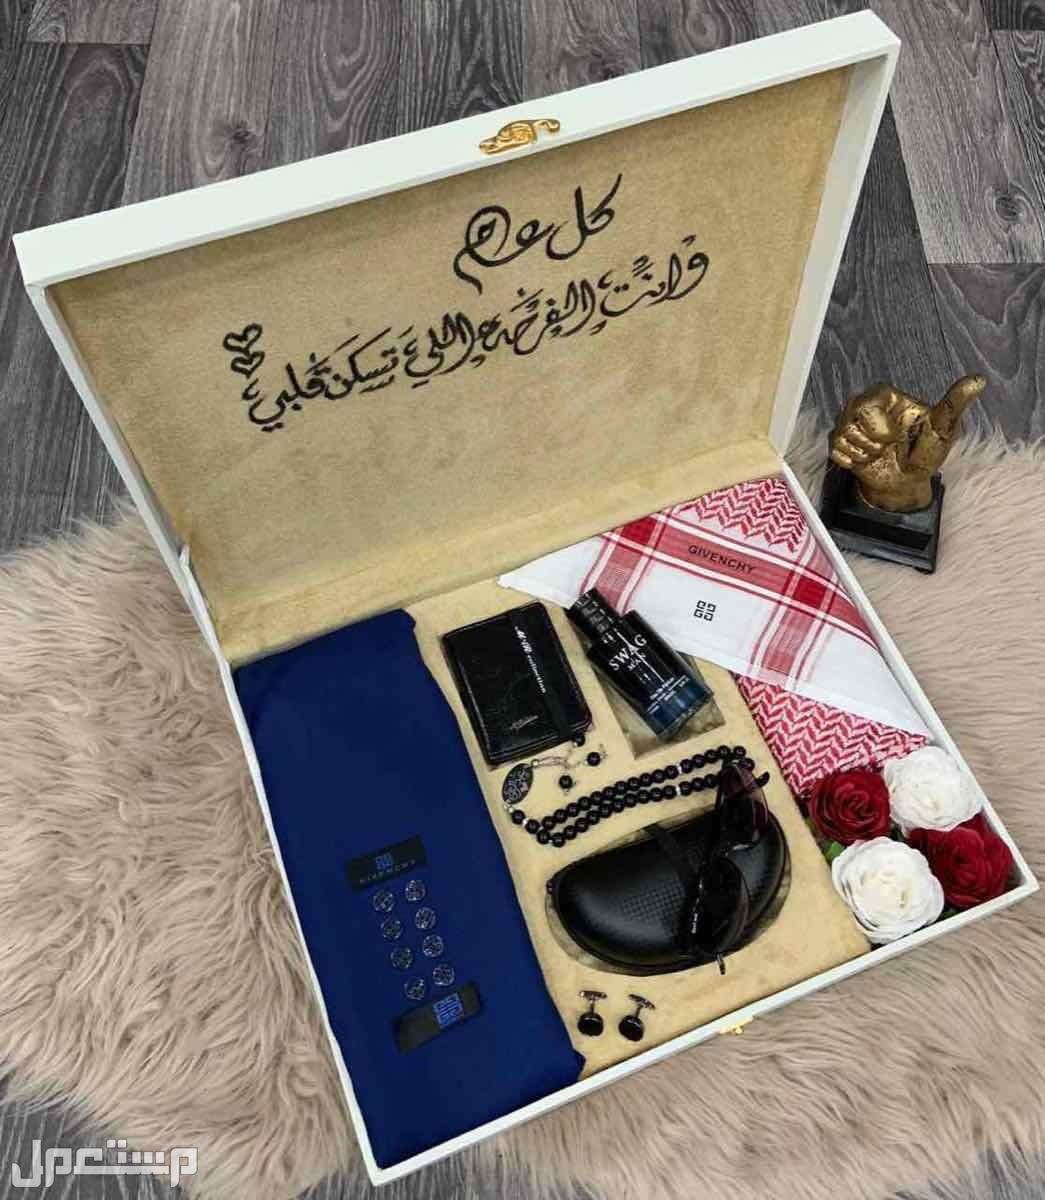 اطقم القماش جفنشي الشماغ نظاره محفظه تصميم العباره بالطلب